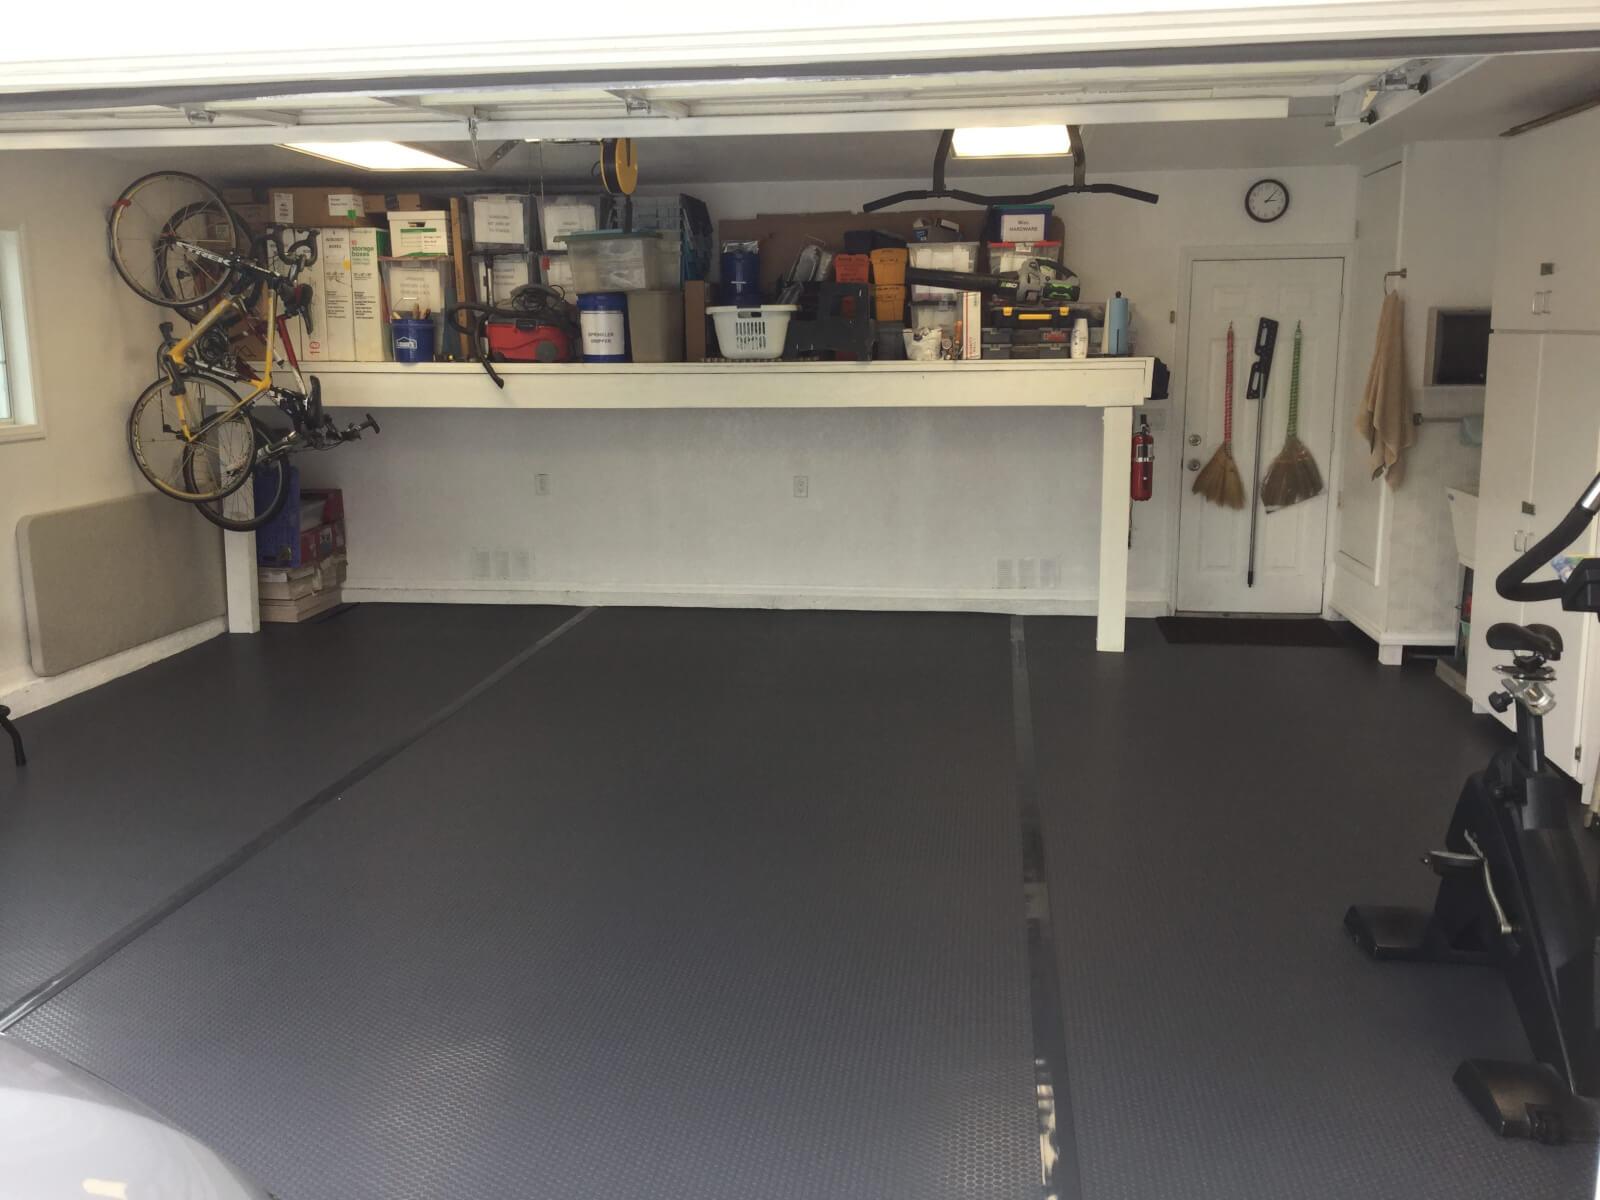 Trailer Flooring In Pop Up Store Garageflooringllc Com